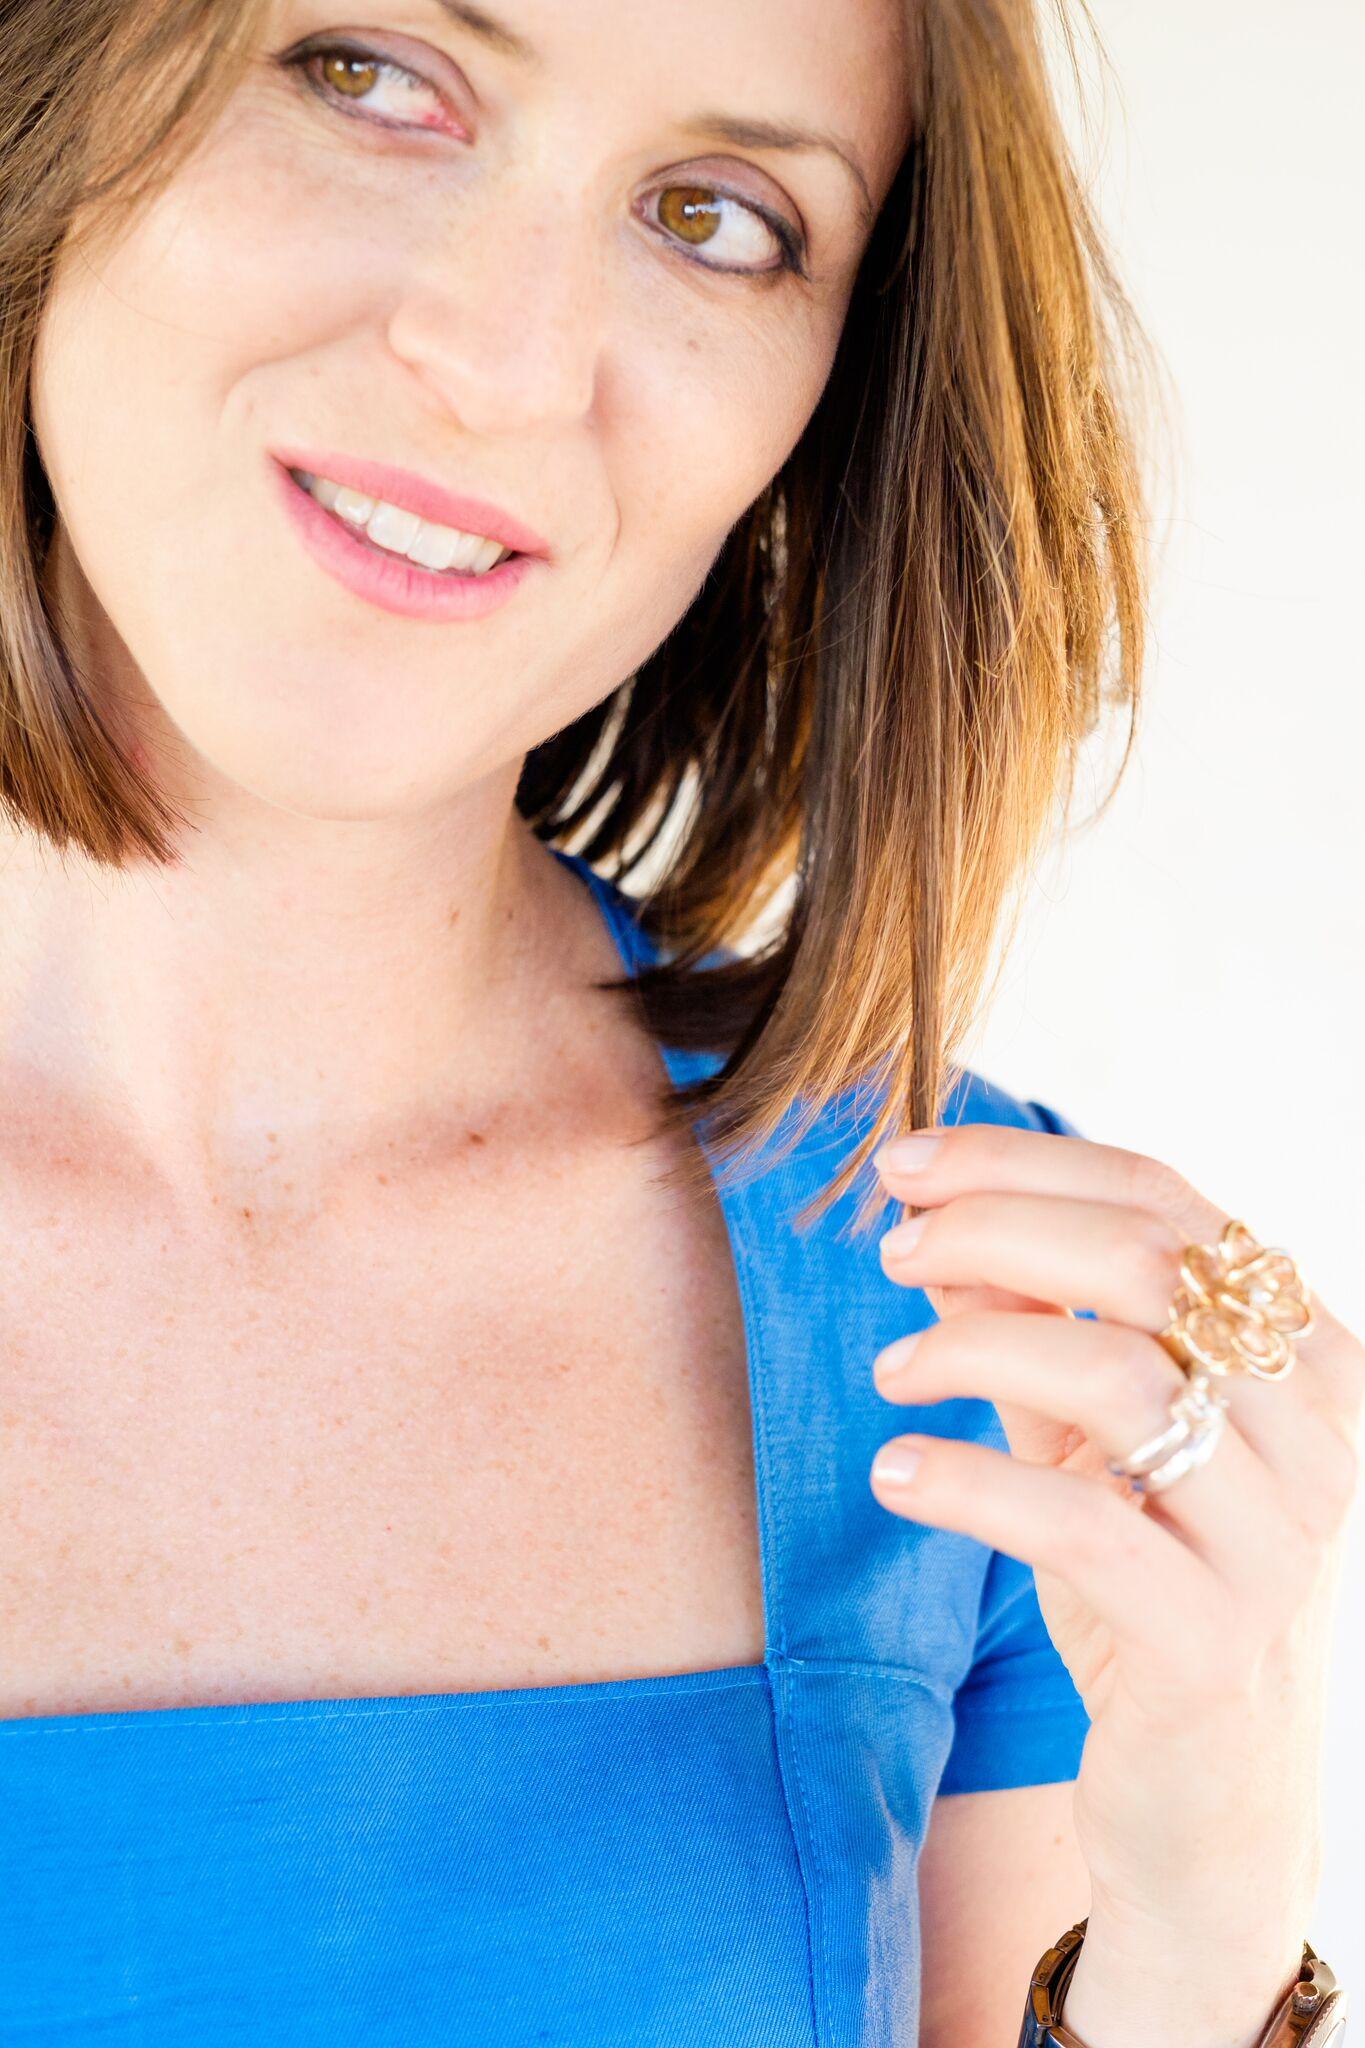 verschiedenArt: selbstgenähtes Leiden-Seidenkleid in sommerlichem himmelblau: Trapezausschnitt